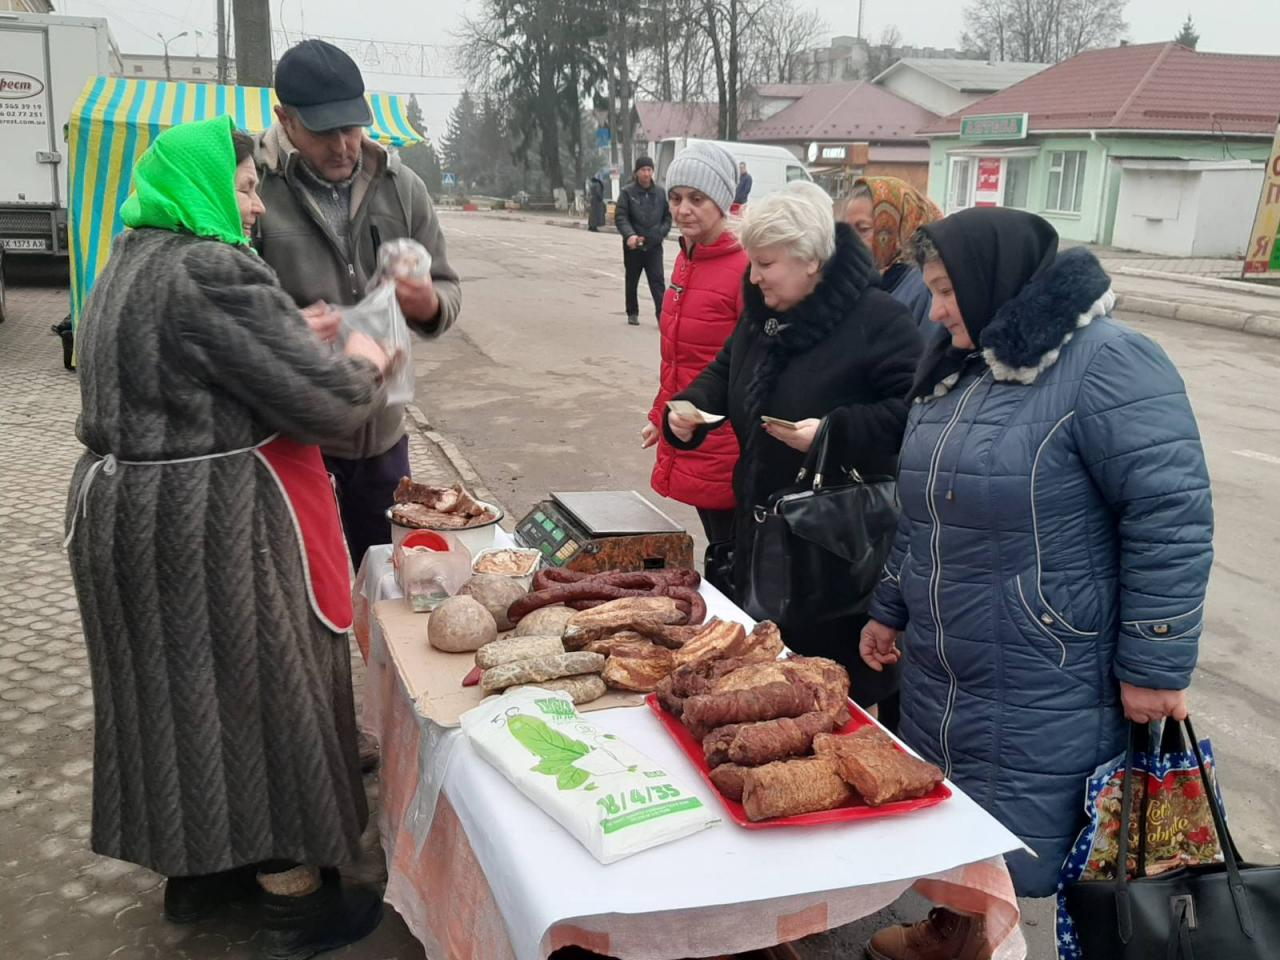 http://dunrada.gov.ua/uploadfile/archive_news/2019/12/21/2019-12-21_1966/images/images-67948.jpg